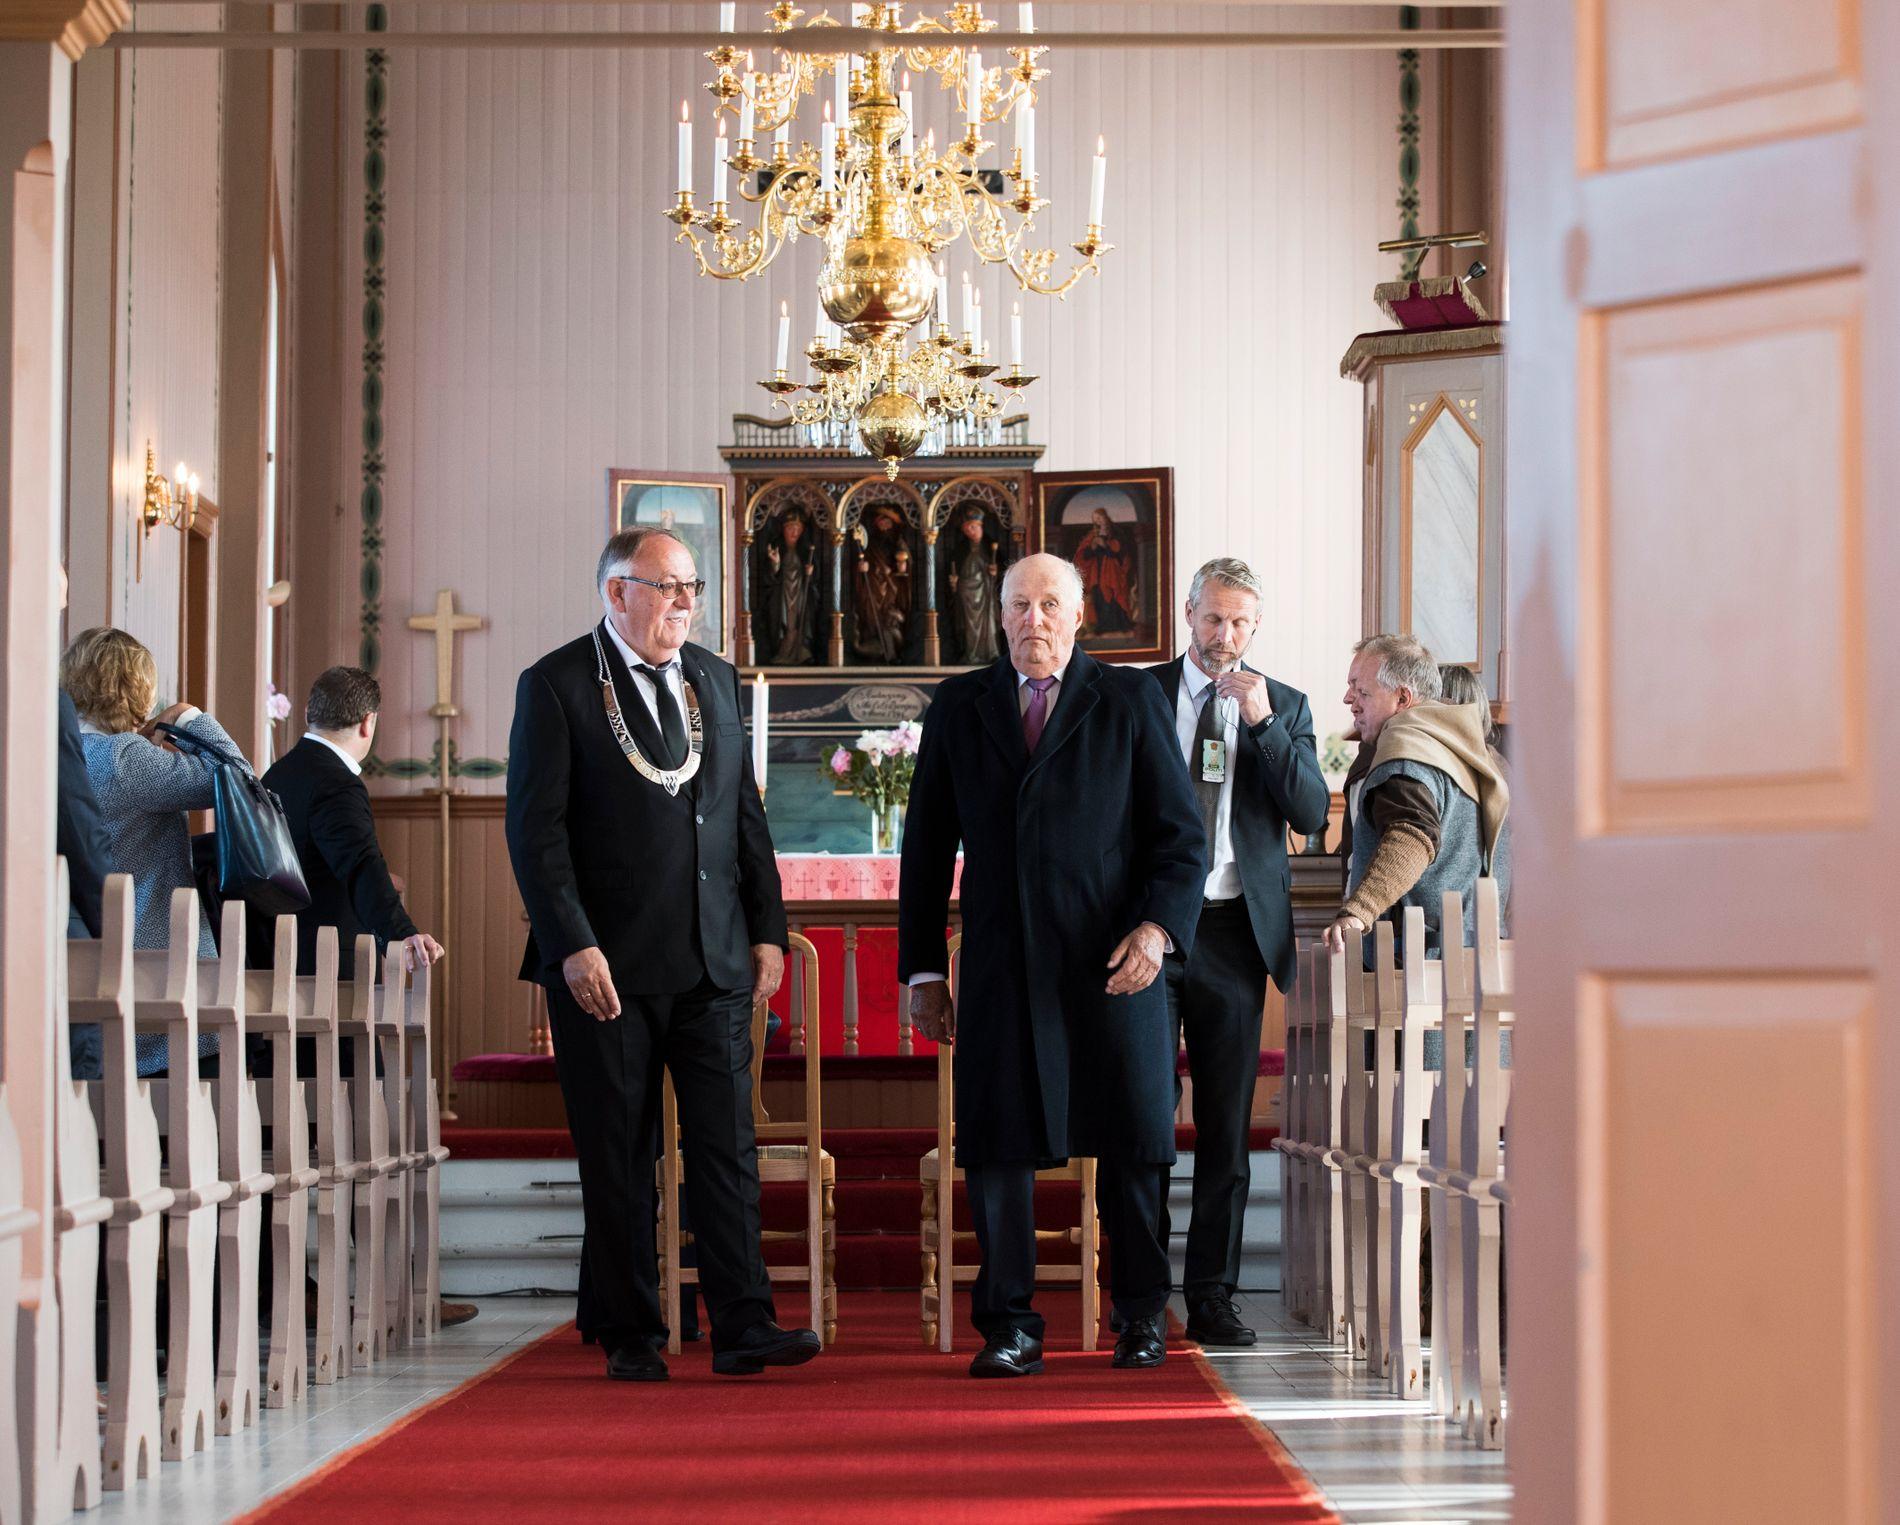 KONGELIG: I fjor sommer tok Røst-ordfører Tor Arne Andreassen imot kong Harald og dronning Sonja, som var på fylkestur i deler av Nordland,